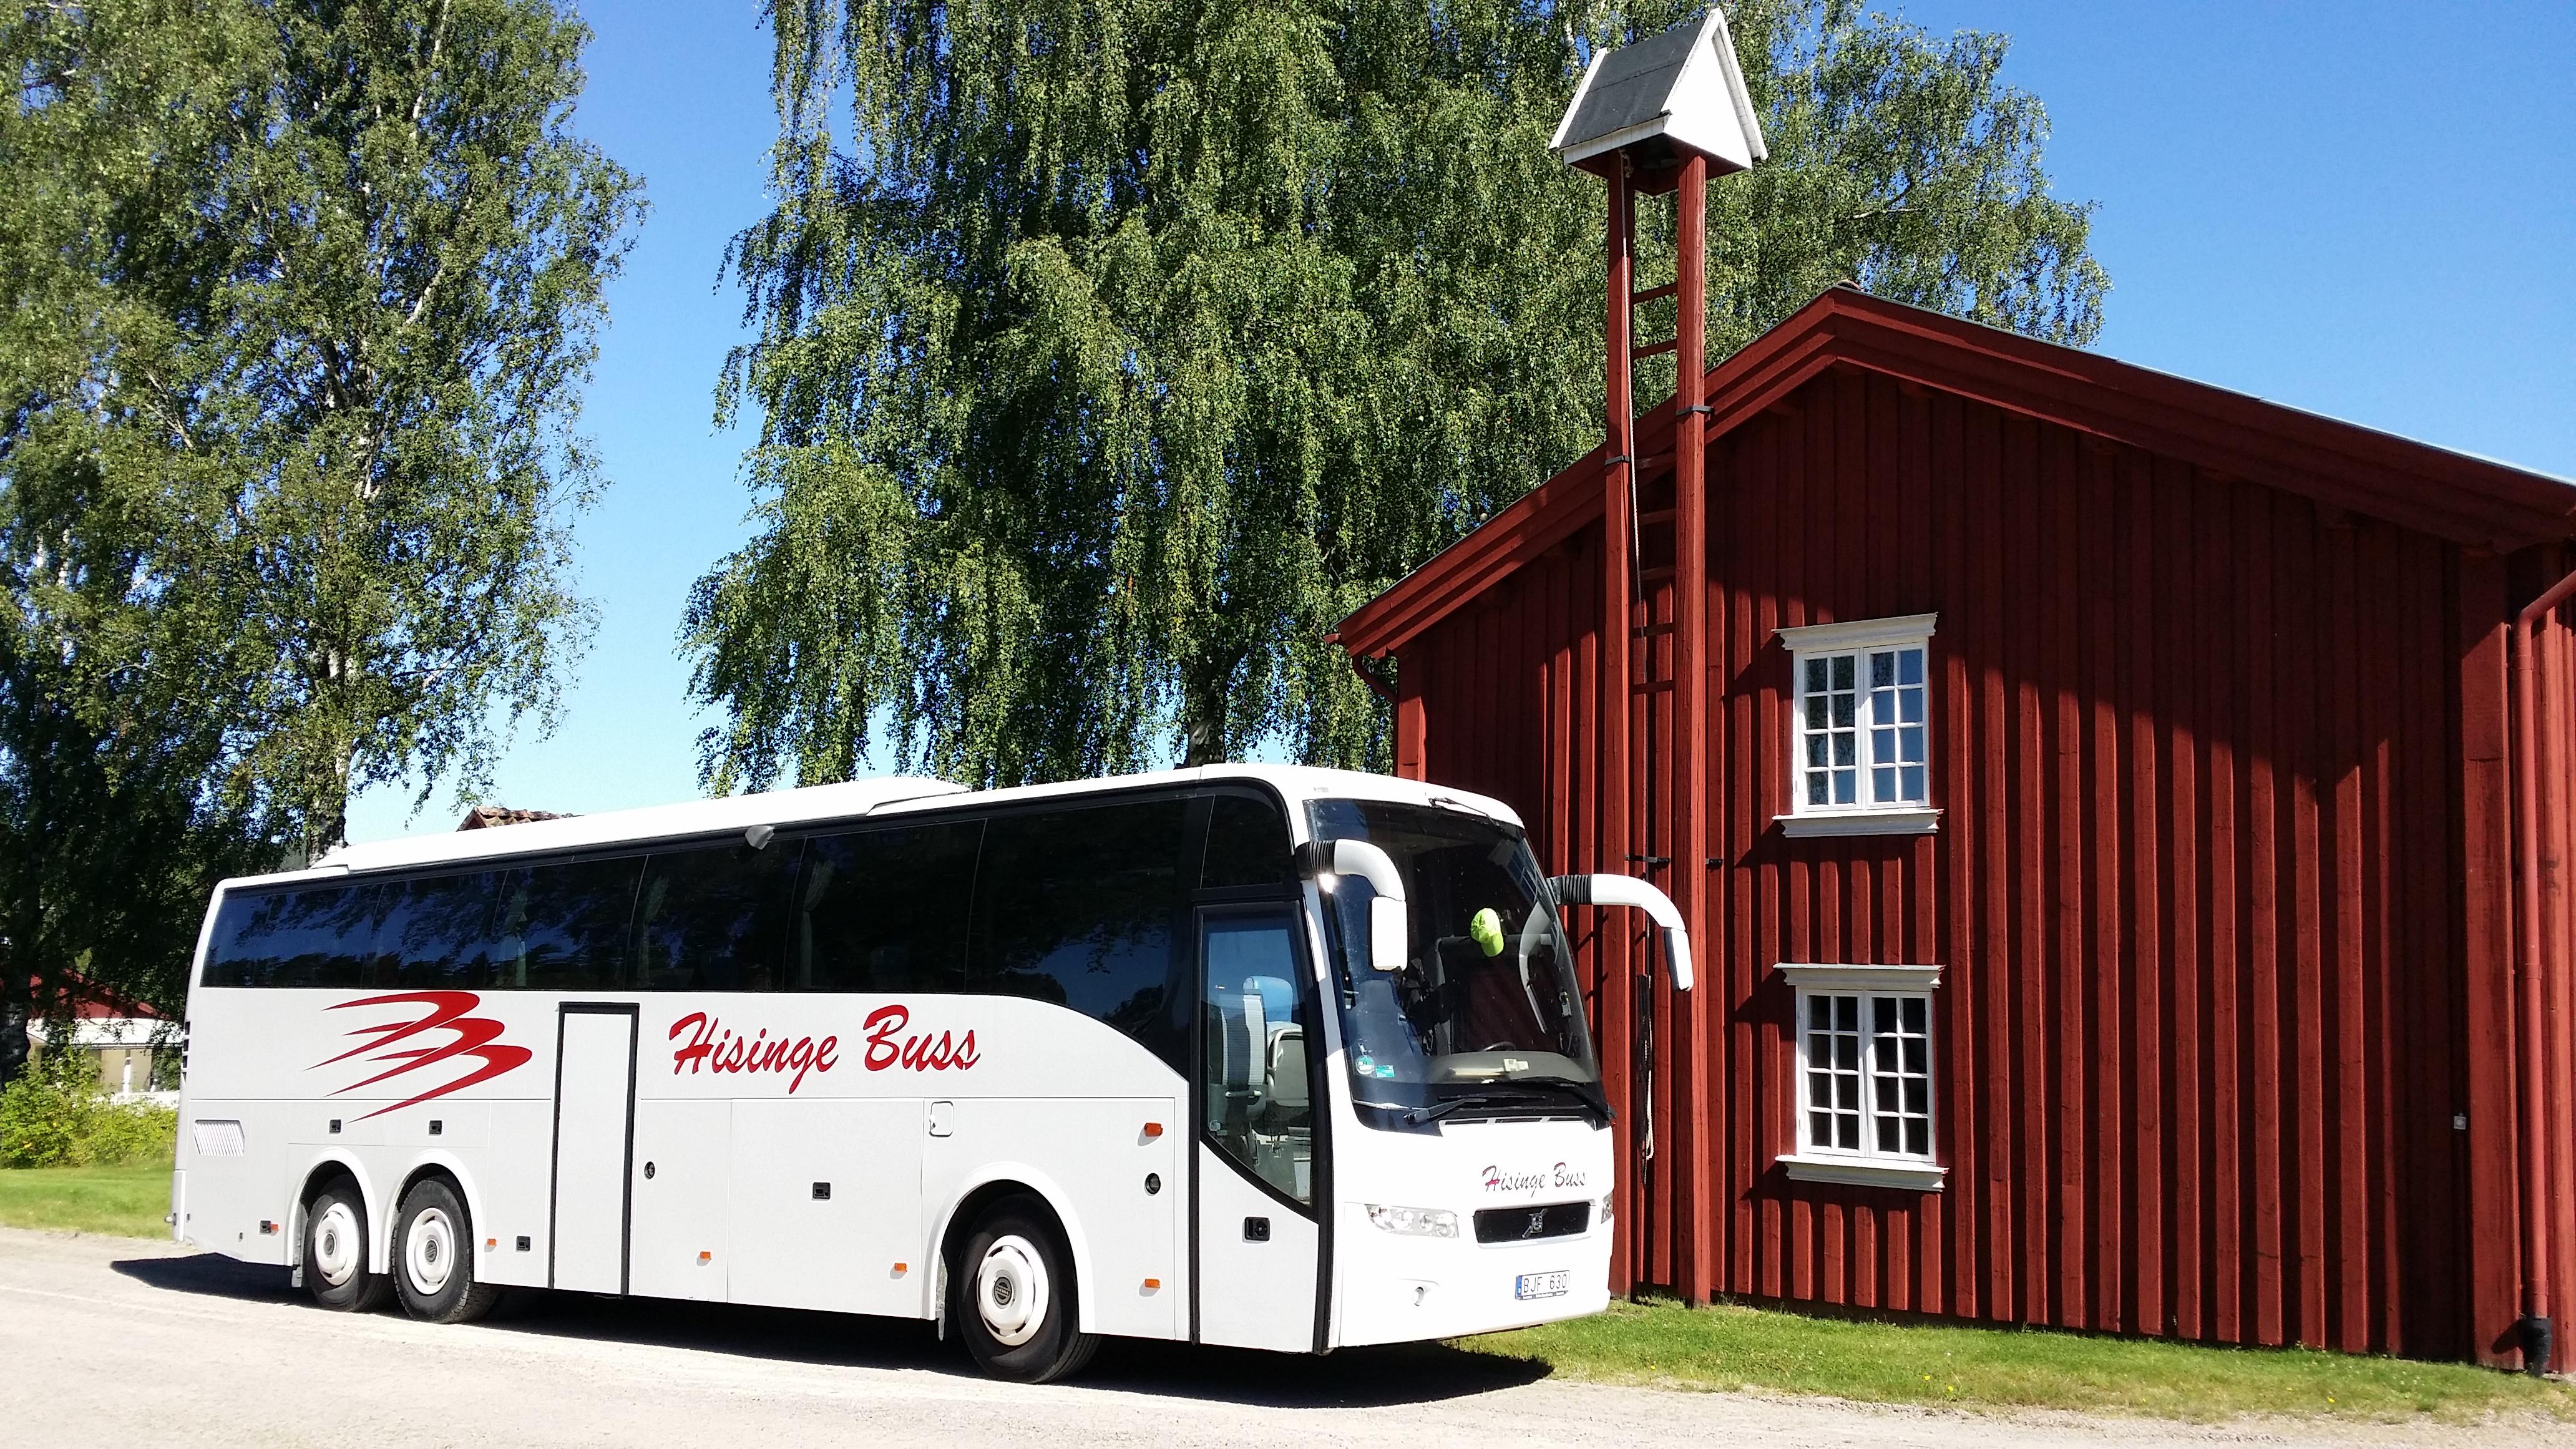 Hisinge Buss AB